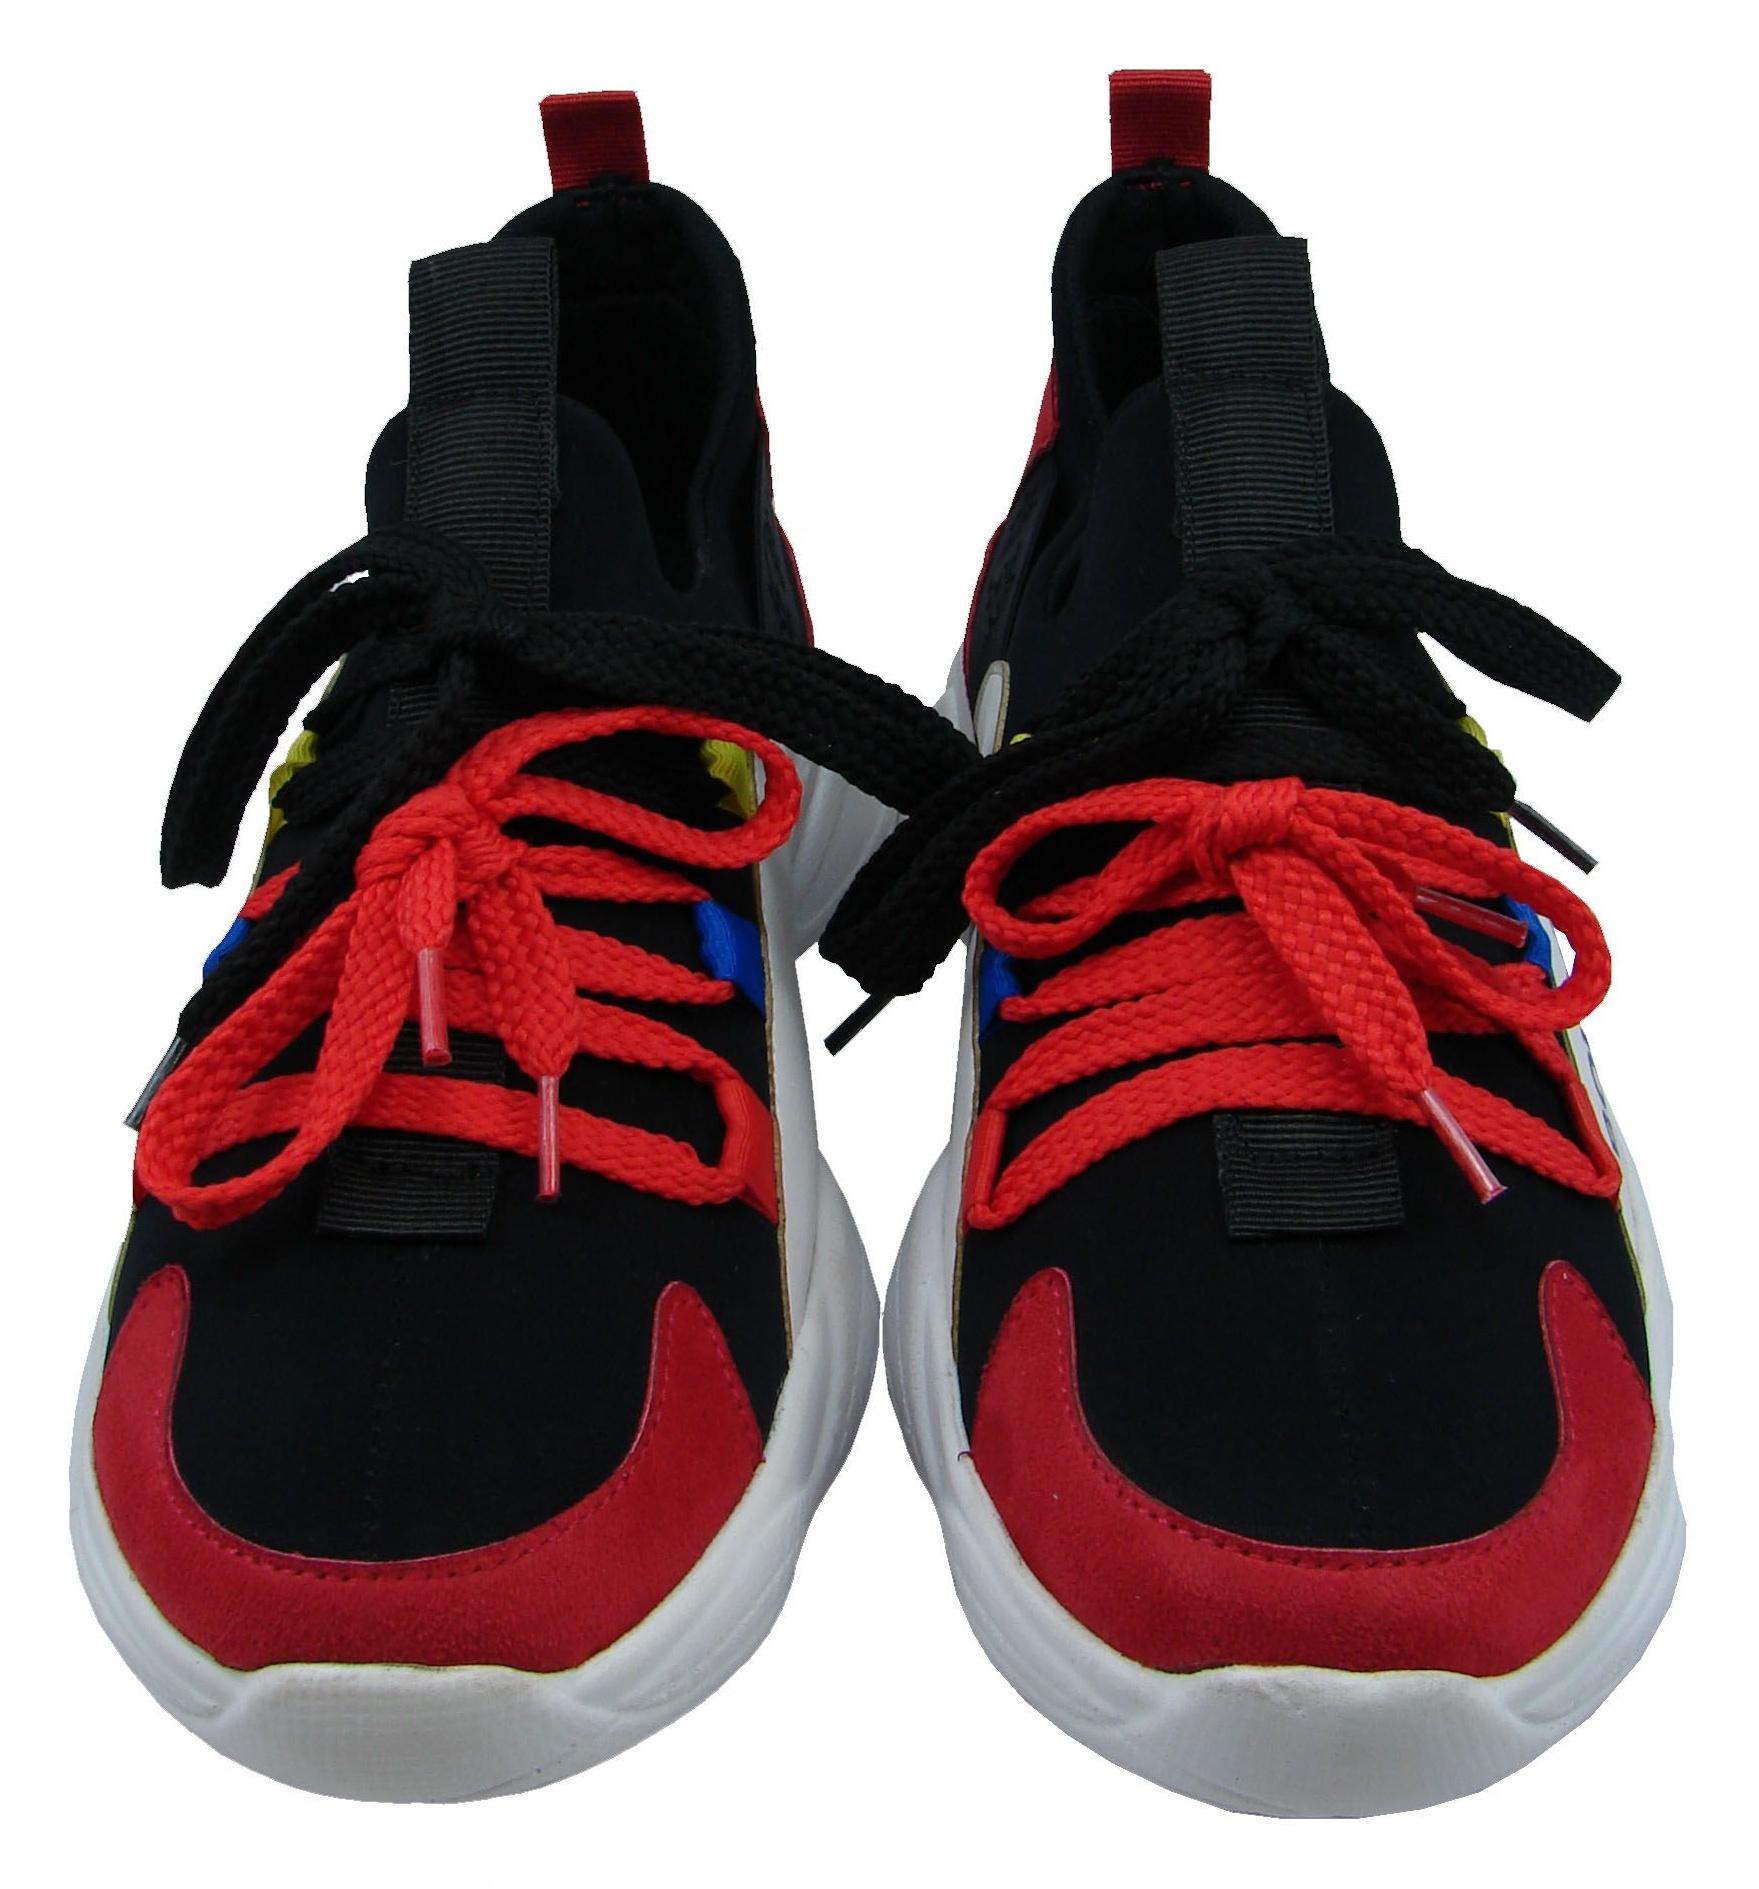 کفش مخصوص پیاده روی زنانه بانتی بیرد کد 0006